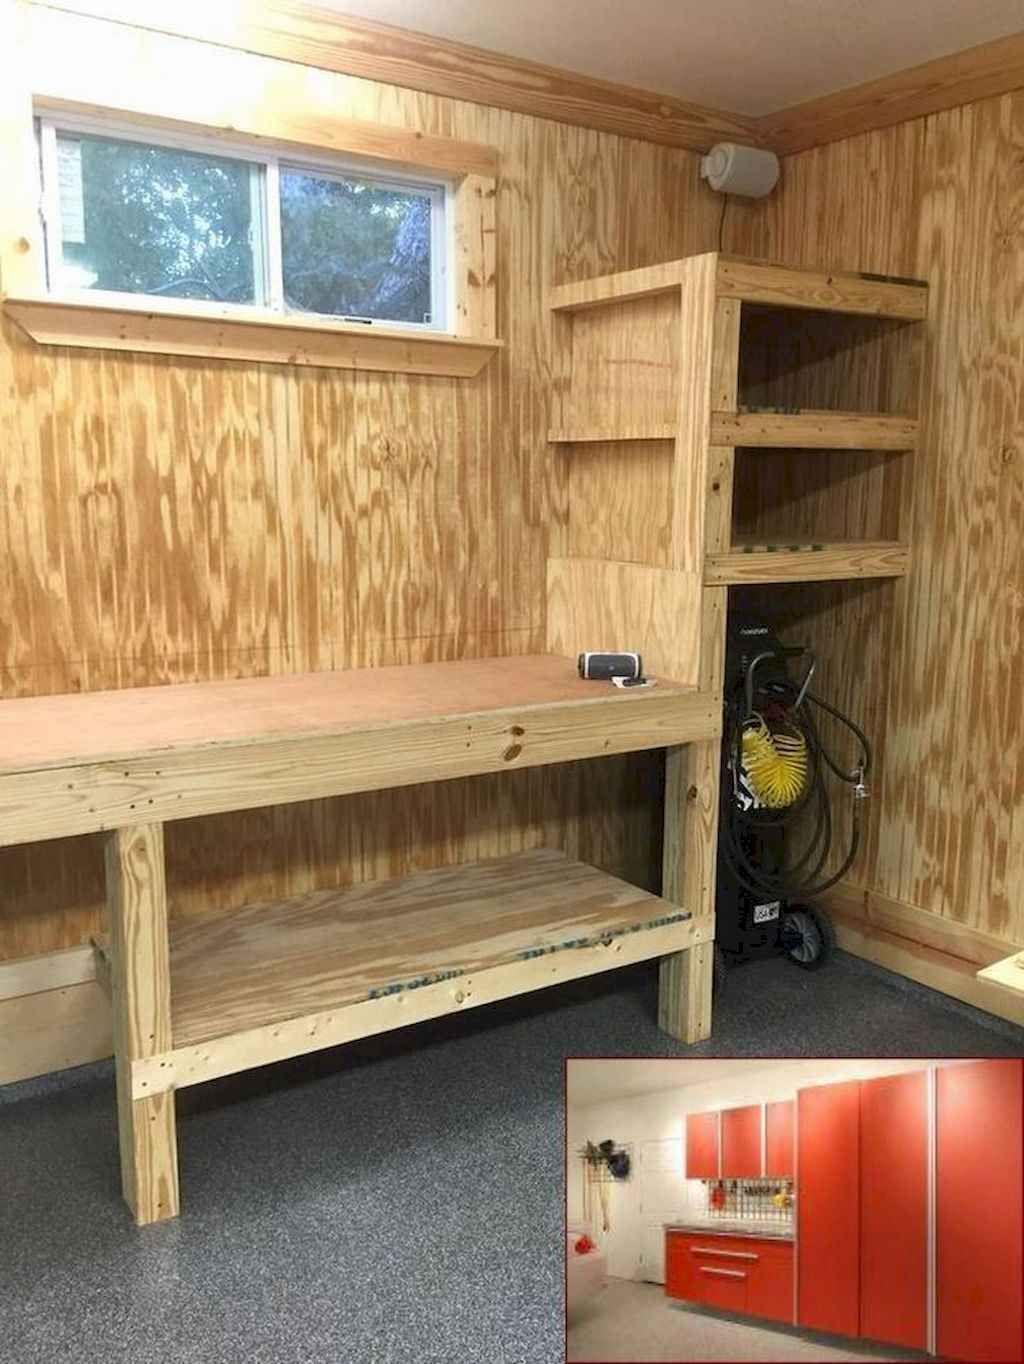 50 clever garage organization ideas woodworkingbench in on clever garage organization ideas id=14973